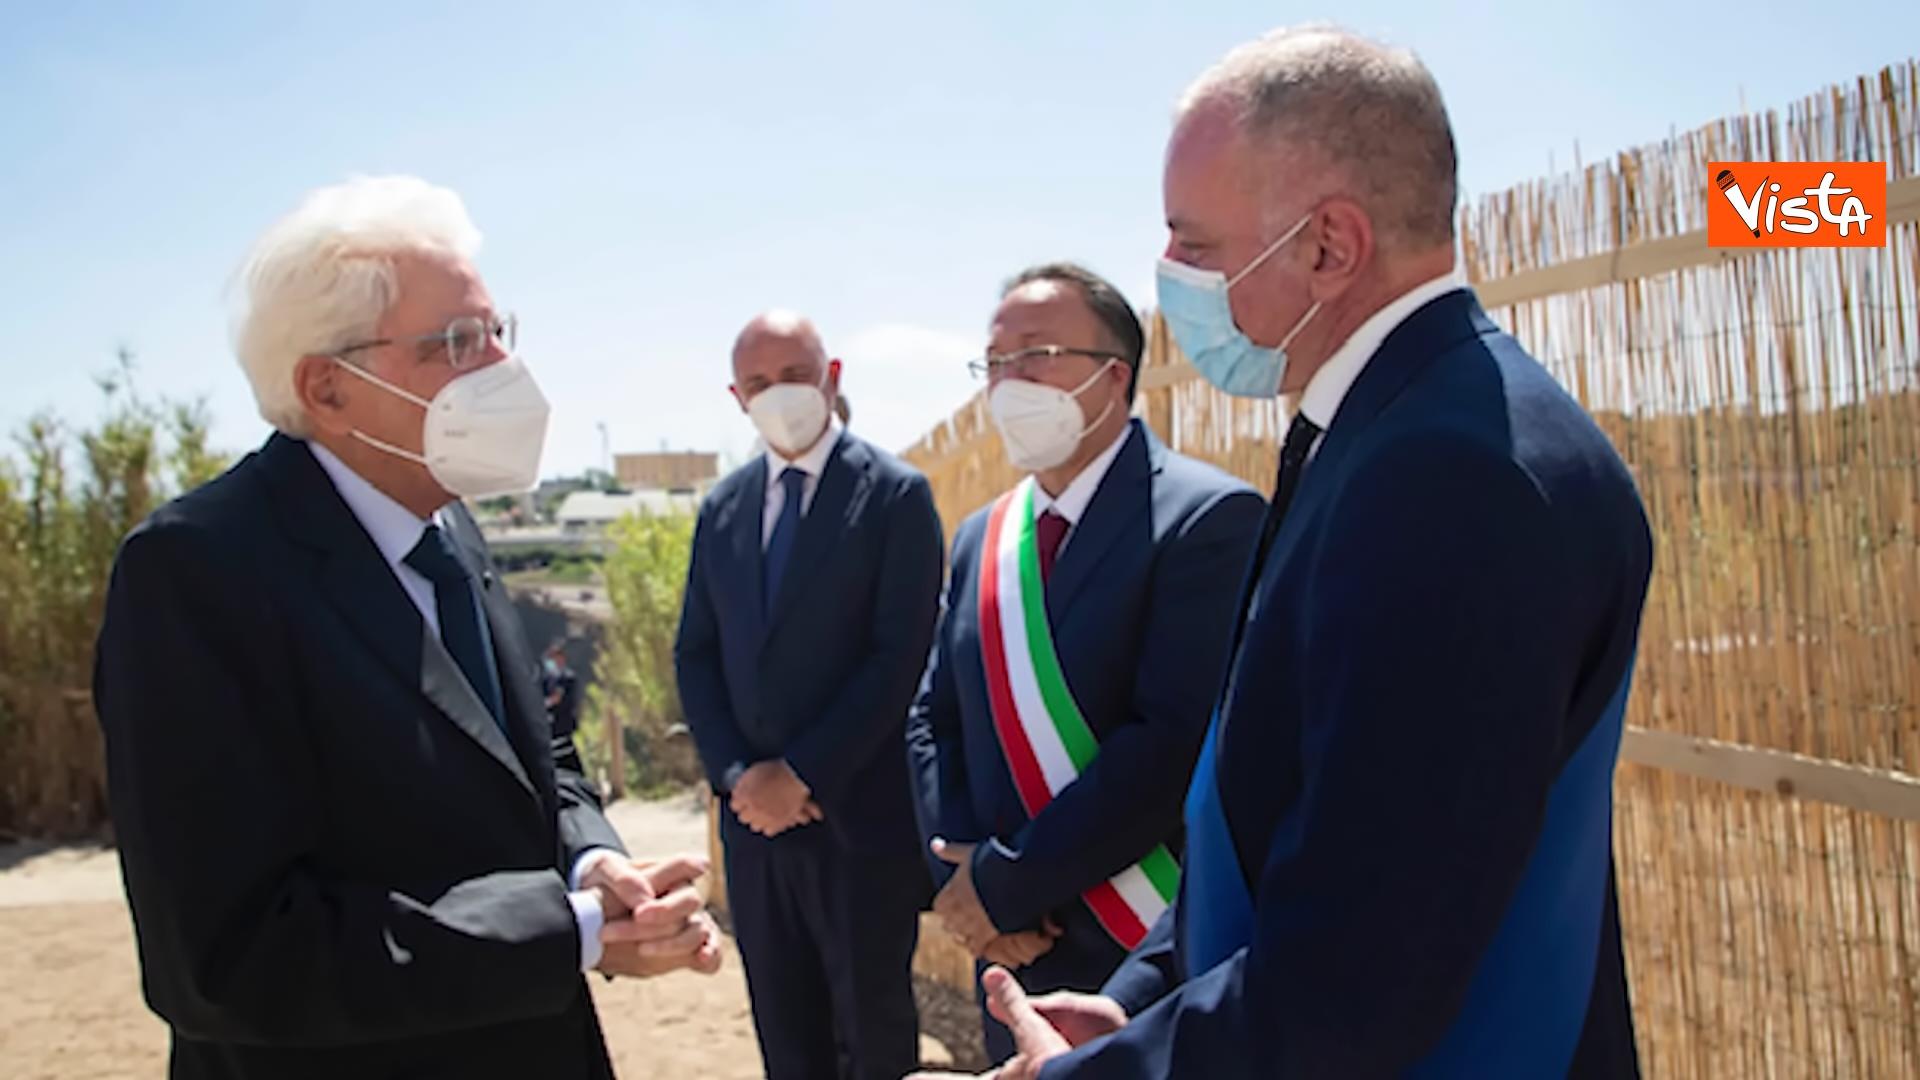 29-08-21 Il Presidente Mattarella a Ventiotene 01_0017502844672270423014